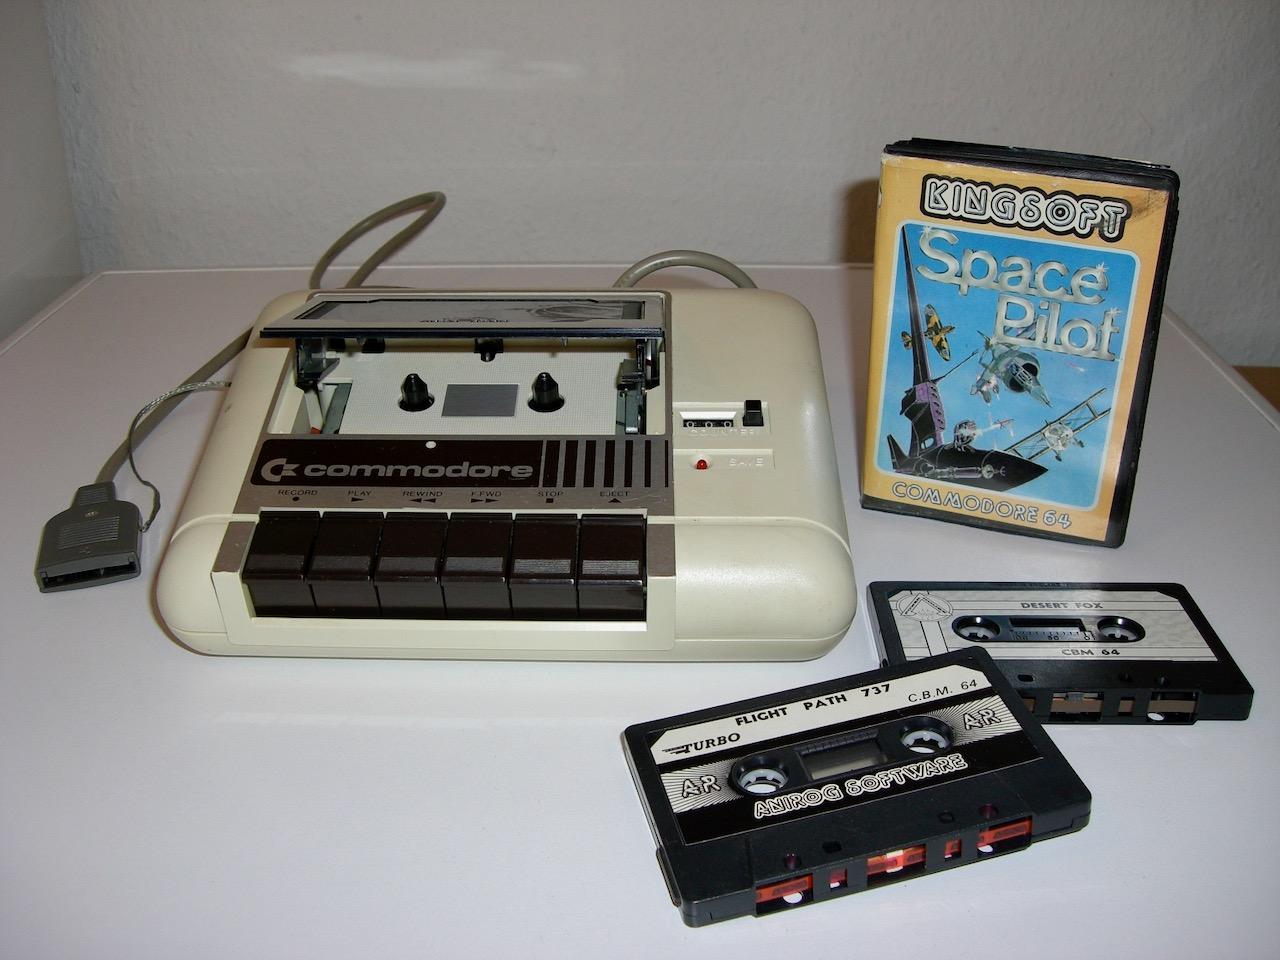 Commodore Datasette (Modell C2N) von 1984 mit verschiedenen Programmkassetten. (Bild: André Eymann)